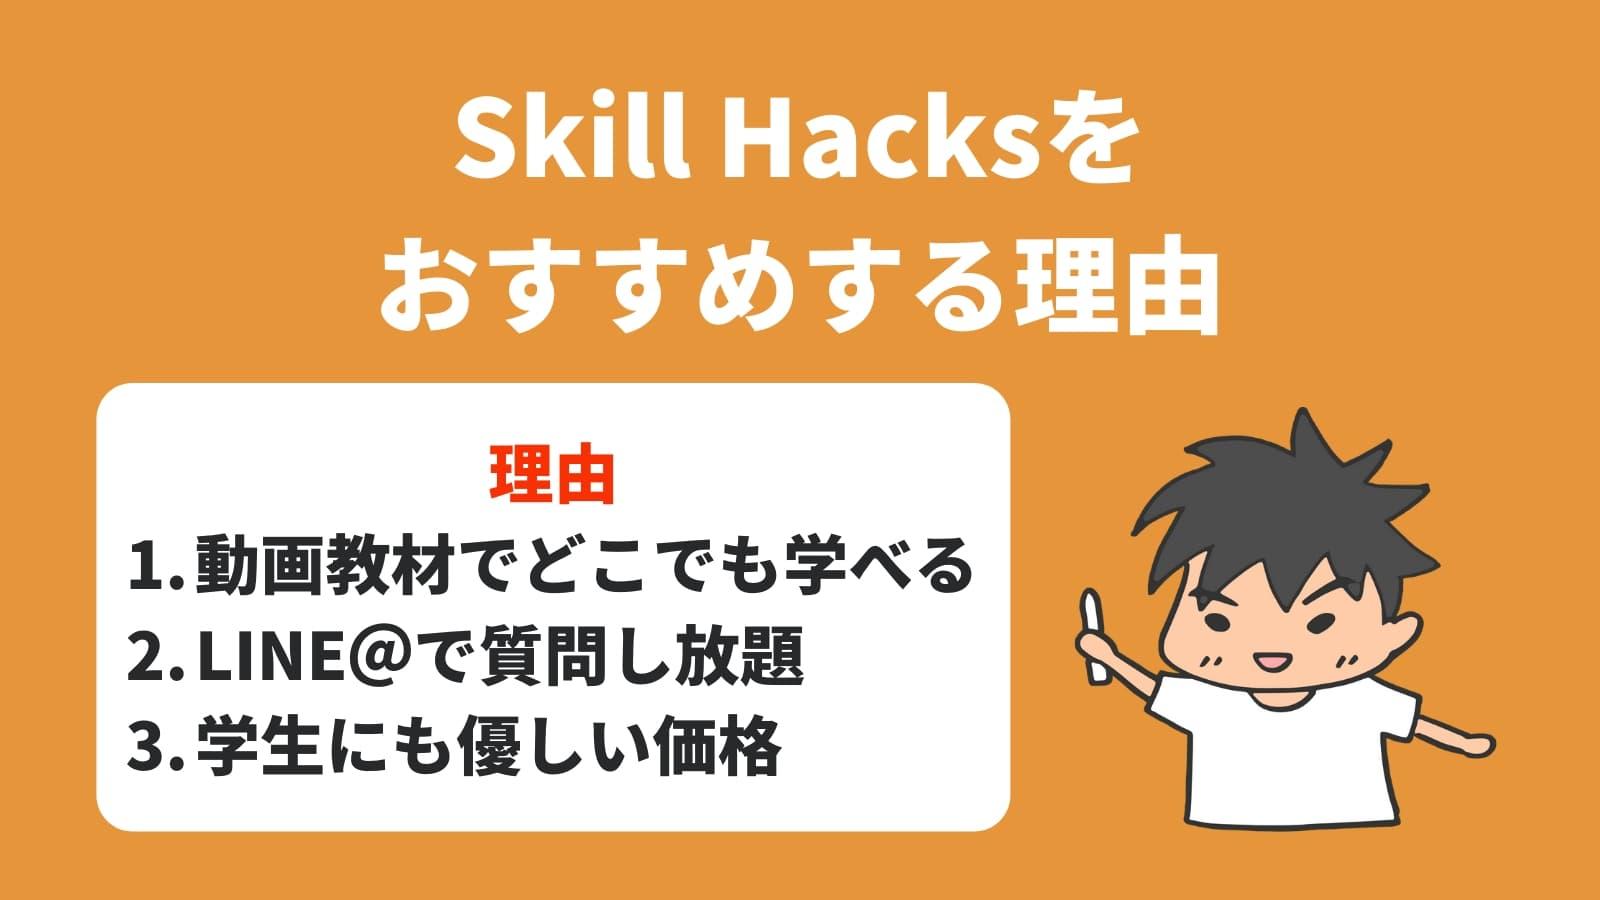 Skill Hacksを おすすめする理由